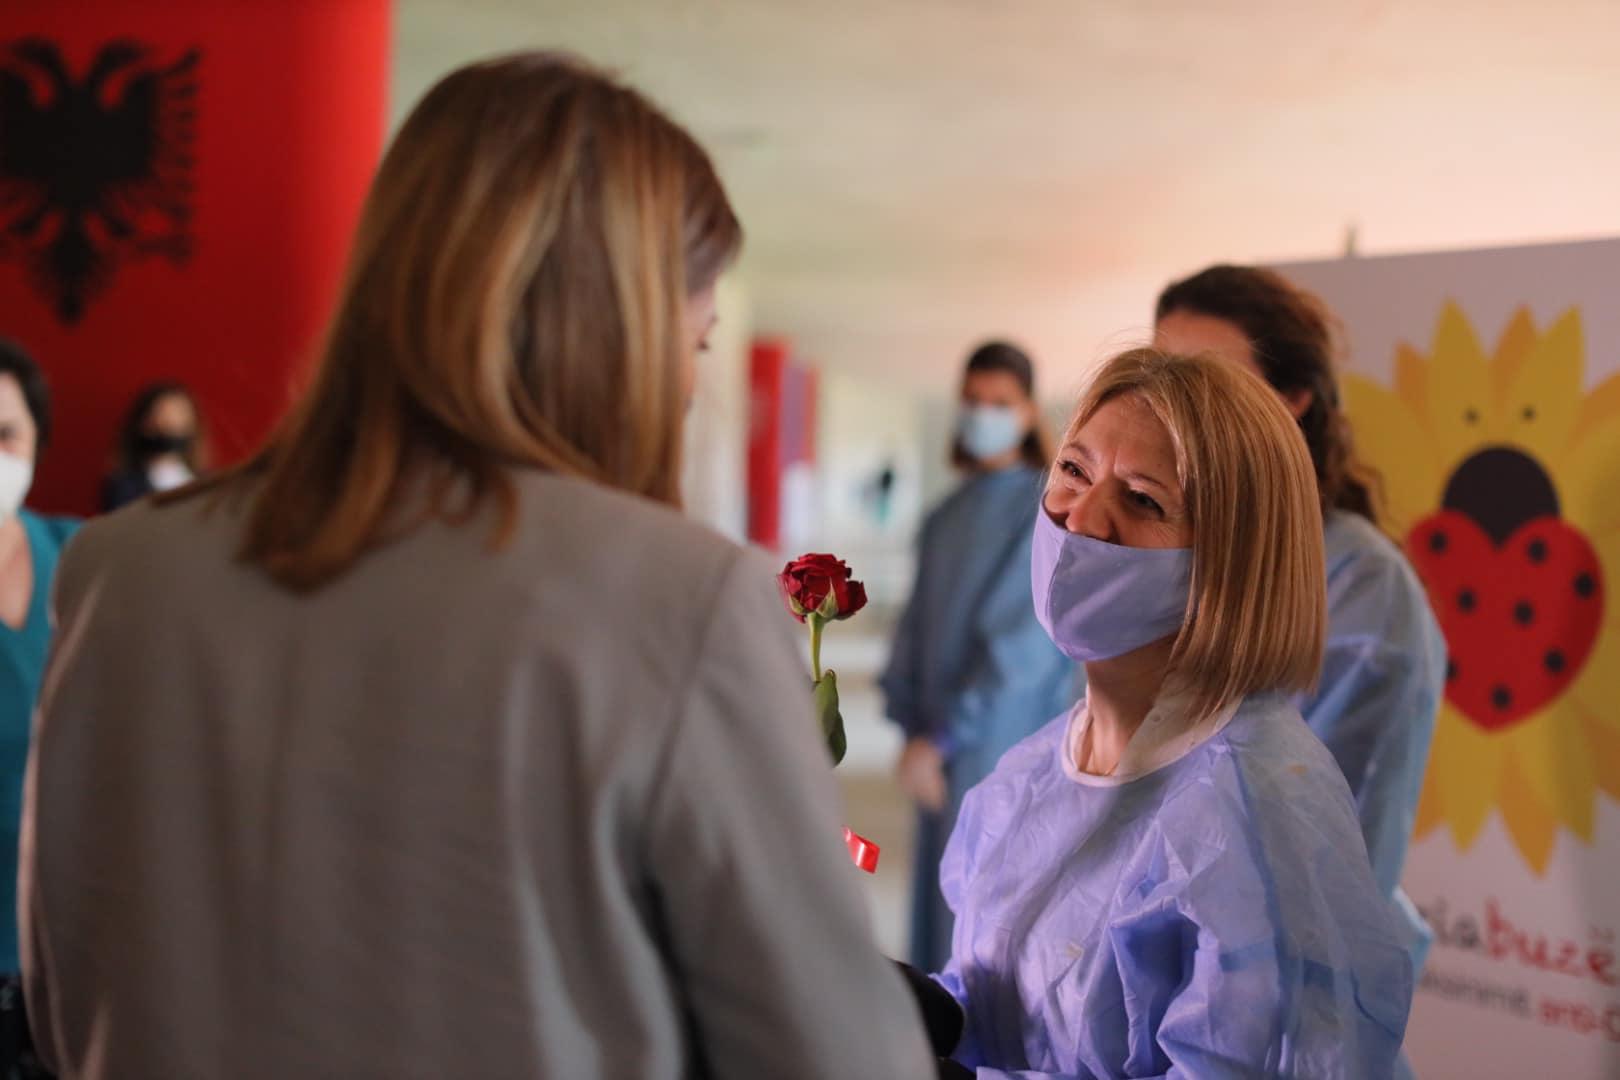 Manastirliu: 129 mijë qytetarë janë vaksinuar me të dy dozat